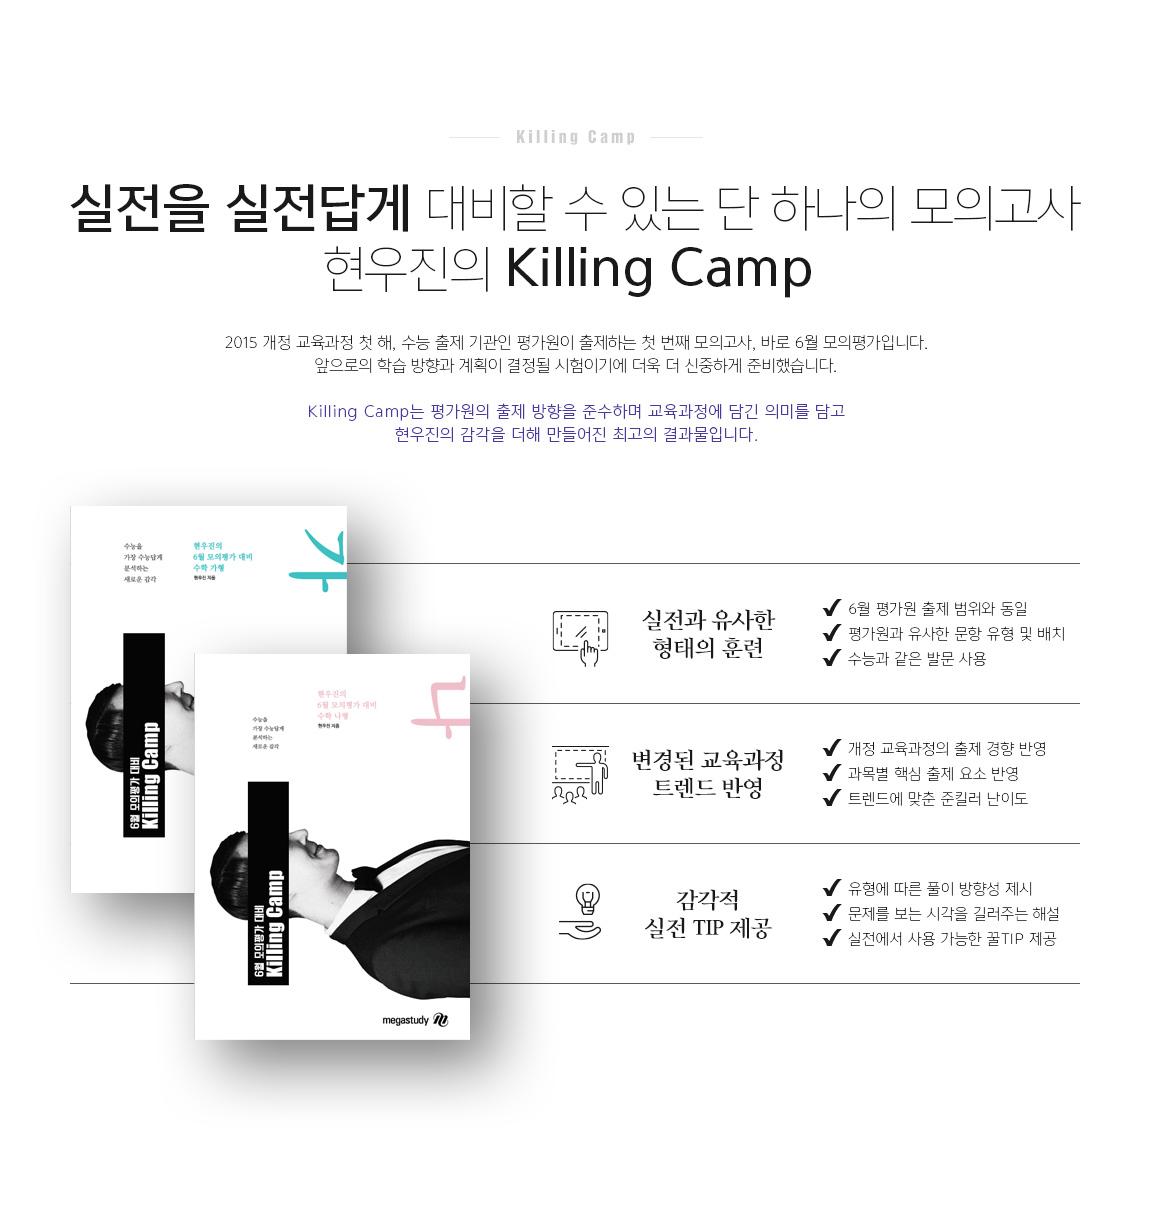 실전을 실전답게 대비할 수 있는 단 하나의 모의고사 현우진의 Killing Camp